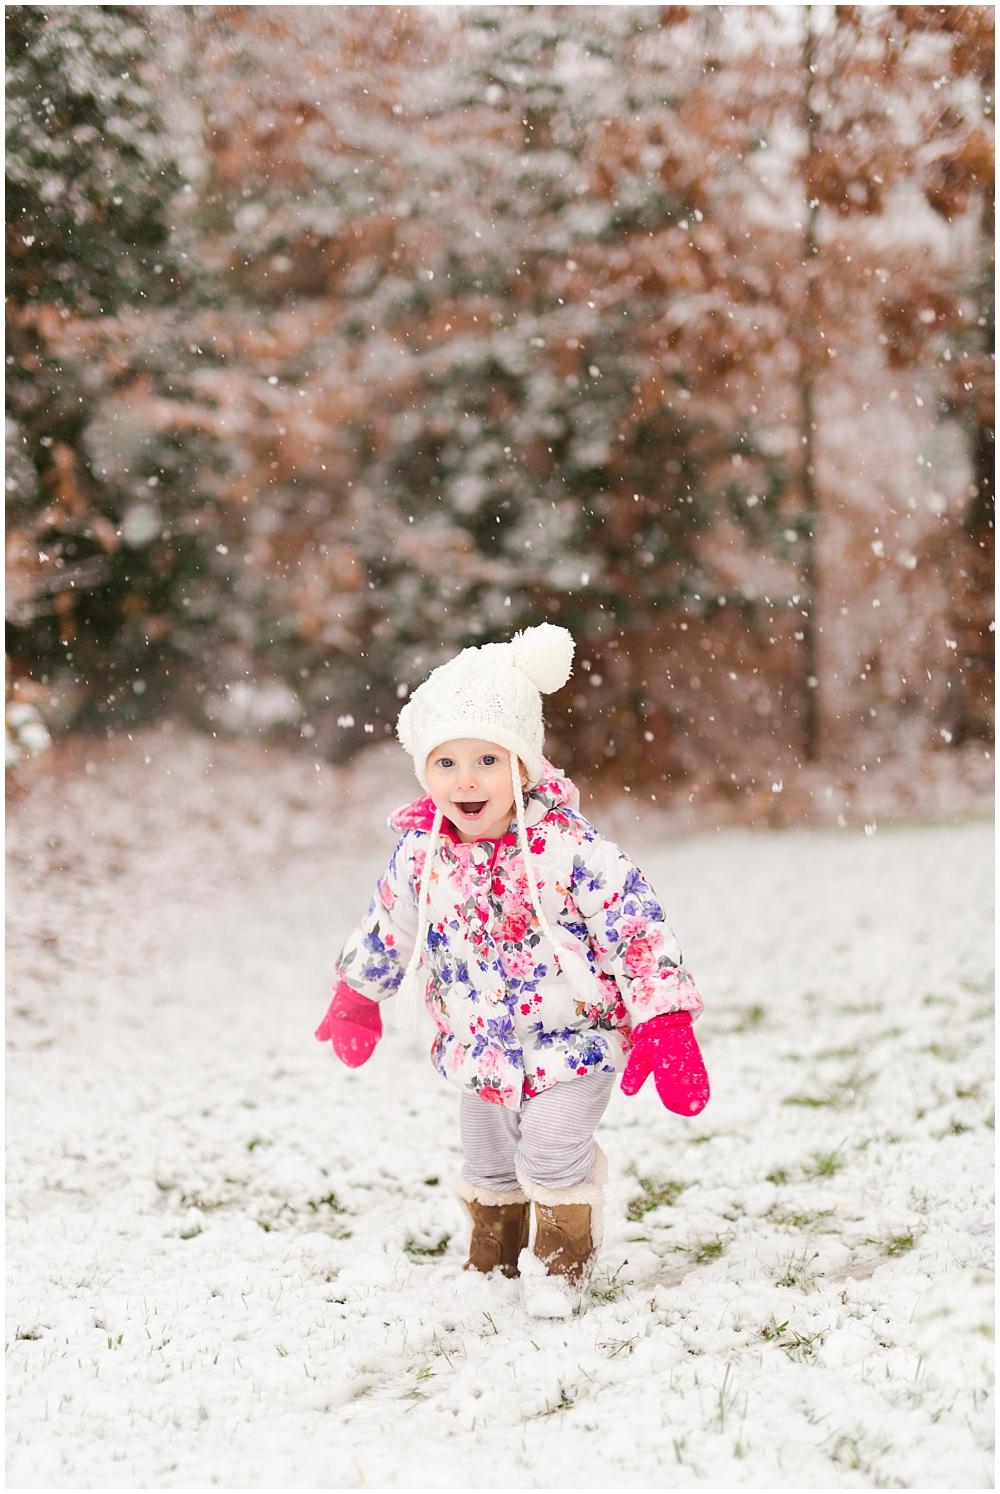 Snow_0009.jpg